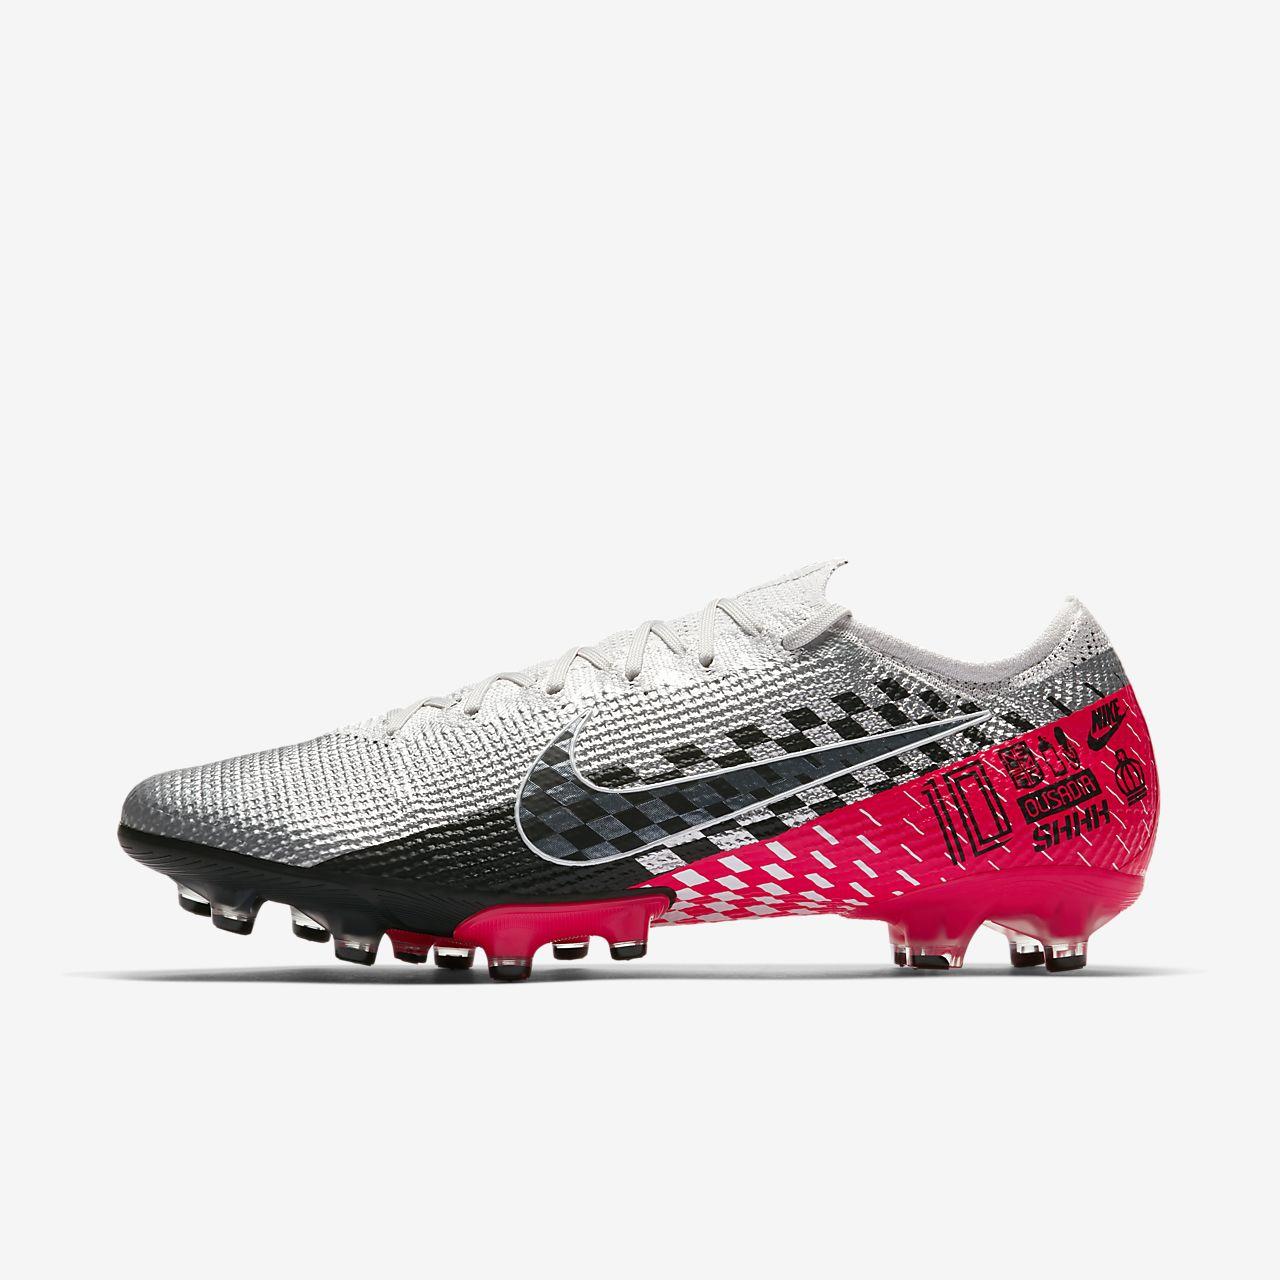 Nike Mercurial Vapor 13 Elite Neymar Jr. AG-PRO-fodboldstøvle til kunstgræs